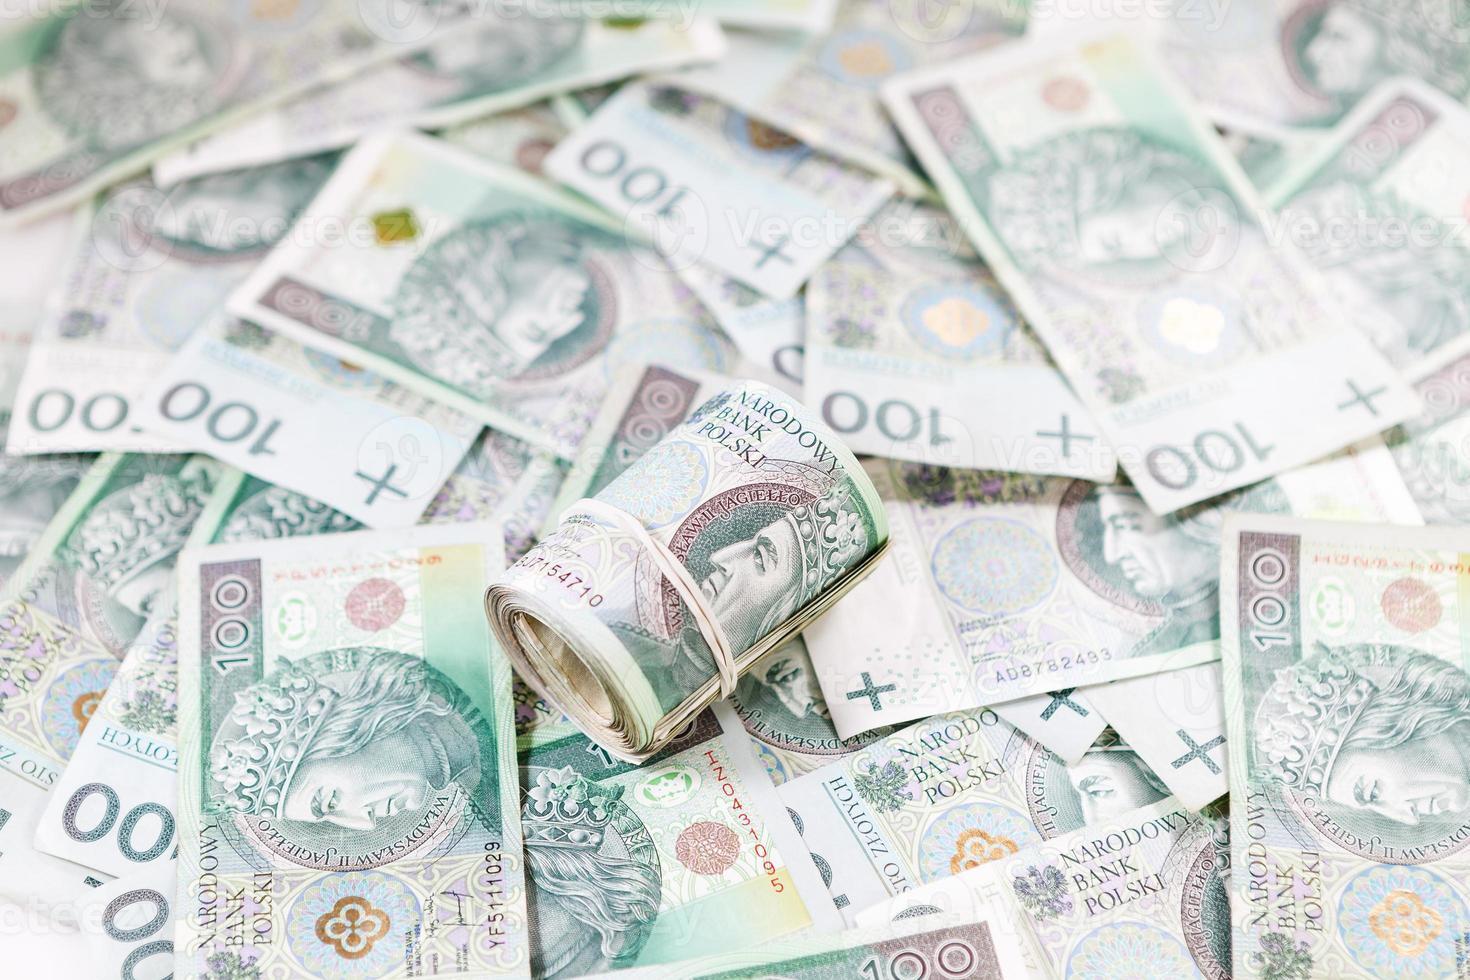 Bündel Geld auf Banknoten Hintergrund foto